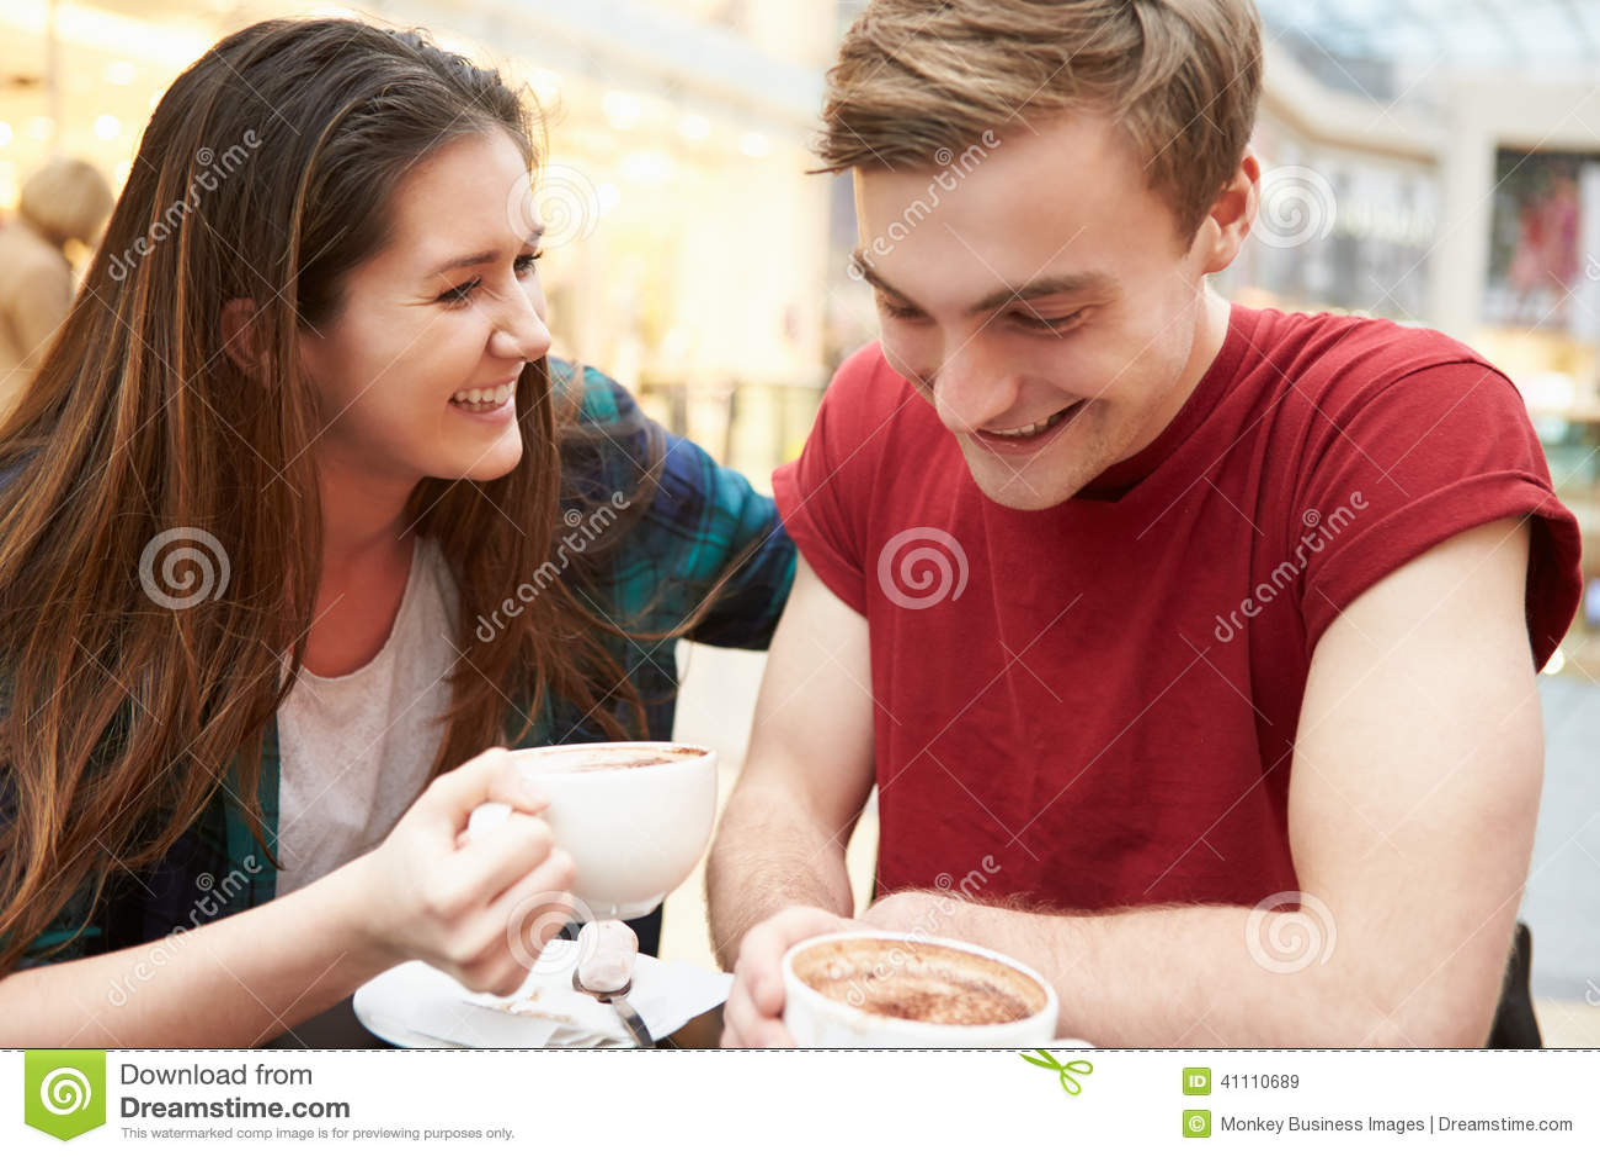 Ist dating cafe kostenlos